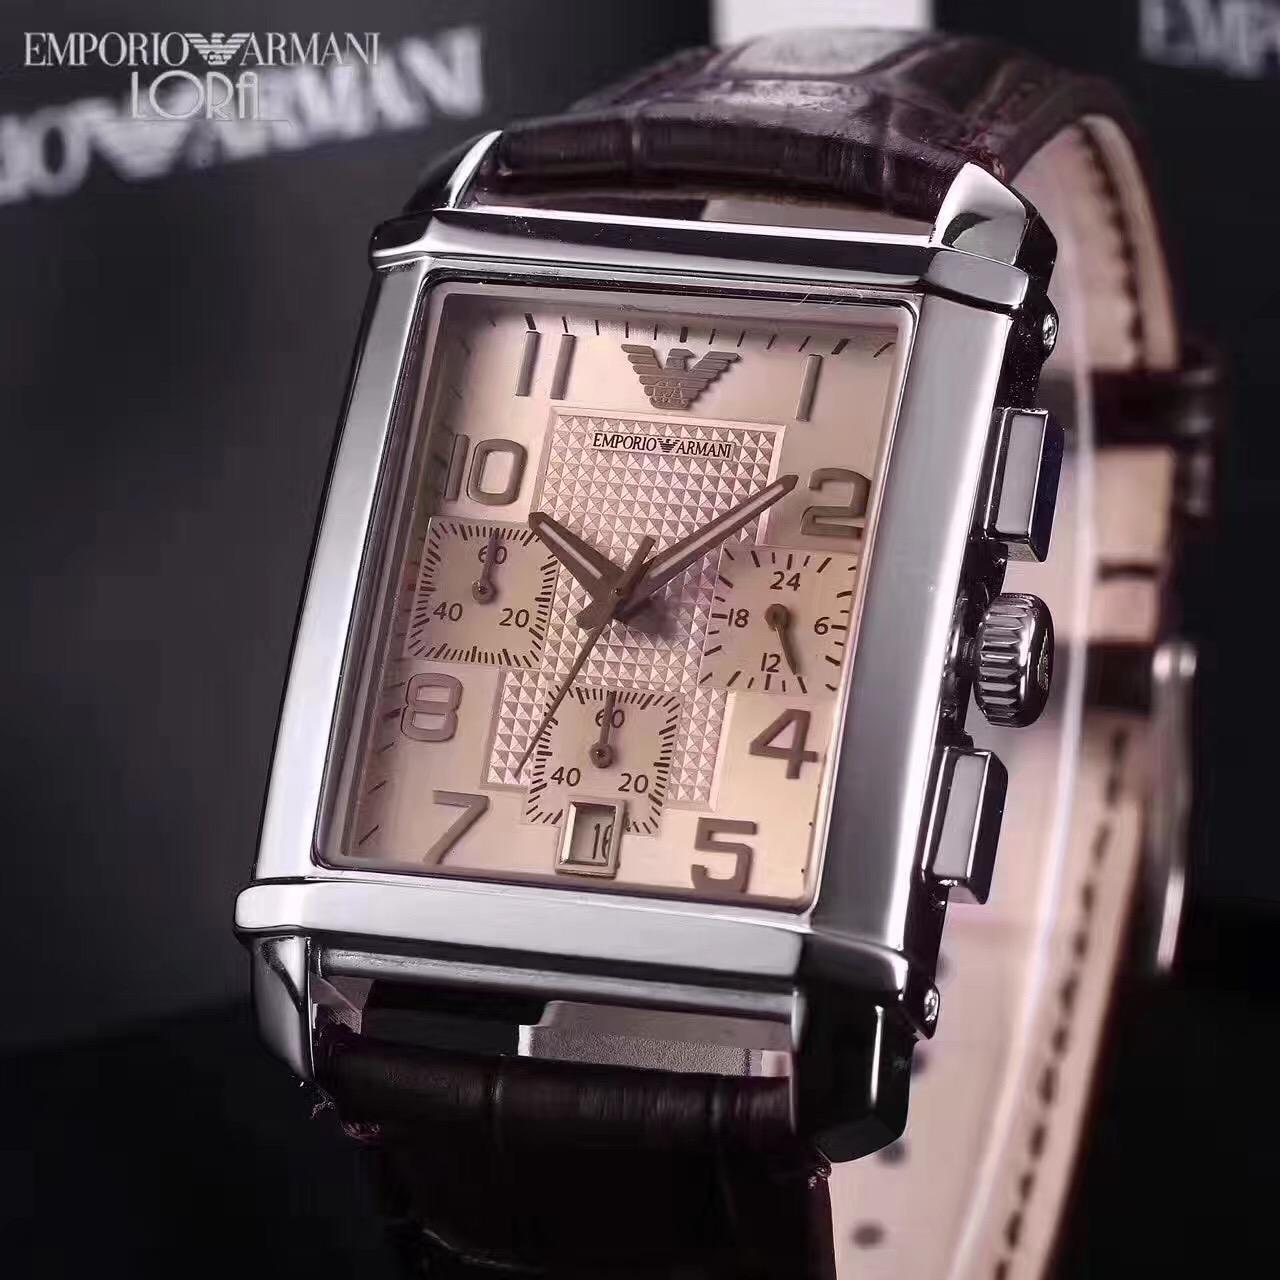 江诗丹顿最新顶级男士机械腕表,成功男士的追捧